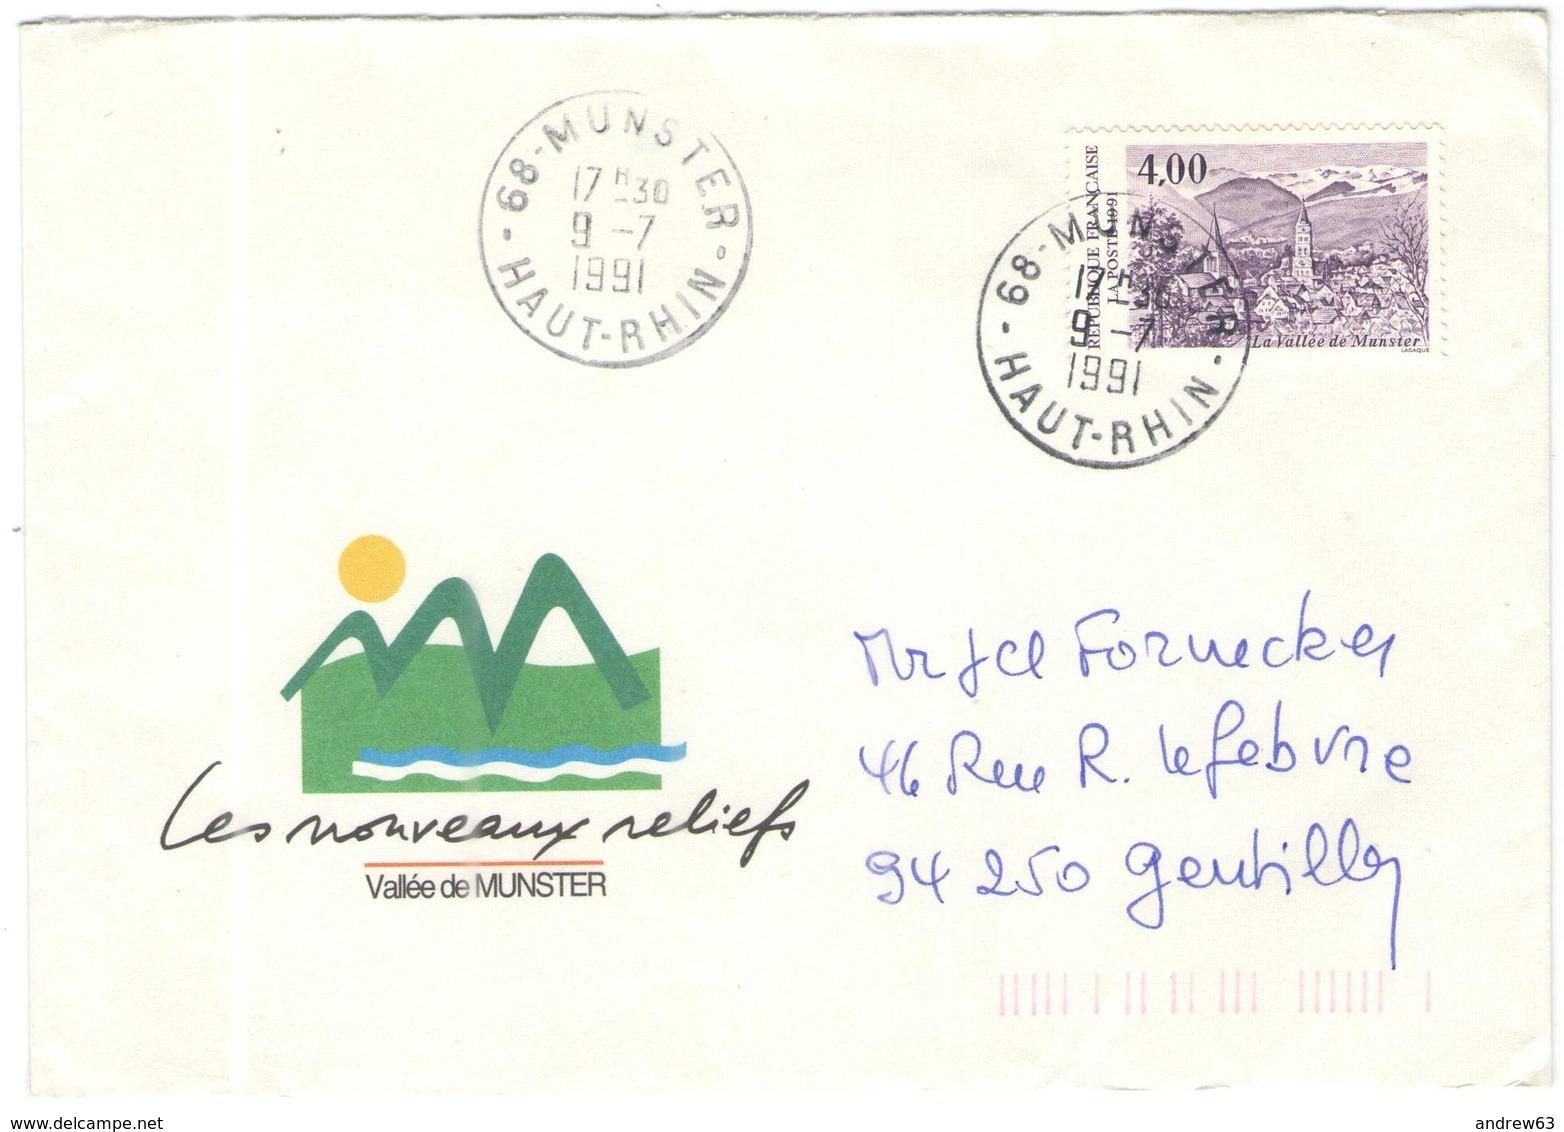 FRANCIA - France - 1991 - 4,00 La Vallée De Munster - Seul - Les Nouveaux Reliefs - Viaggiata Da Munster Per Gentilly - Storia Postale